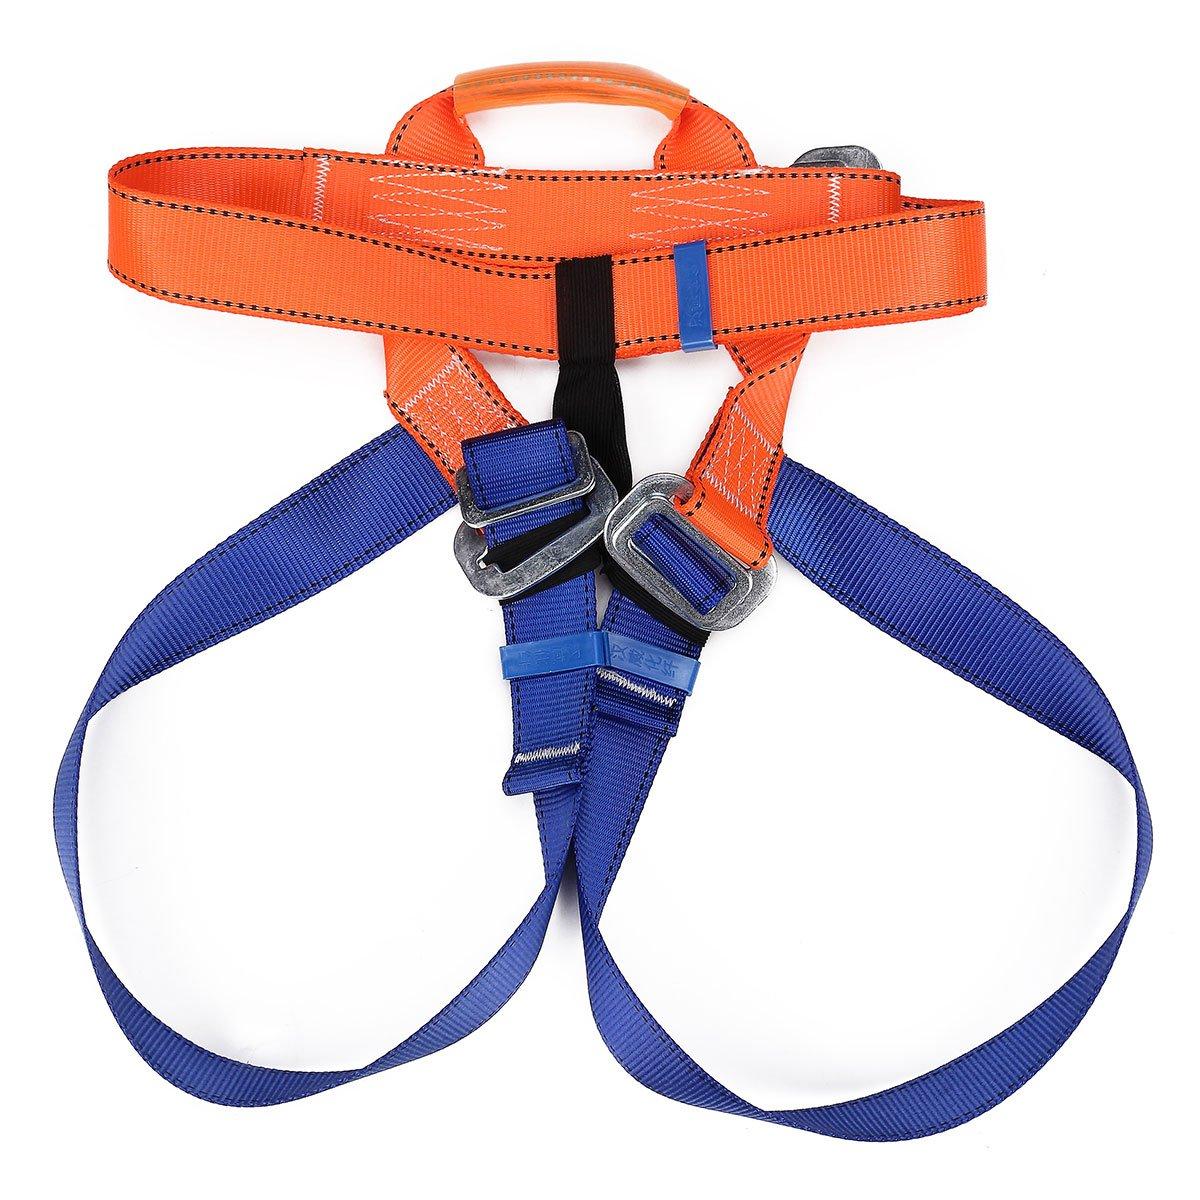 QOJA outdoor rock climbing safety belt strap harness bust waist